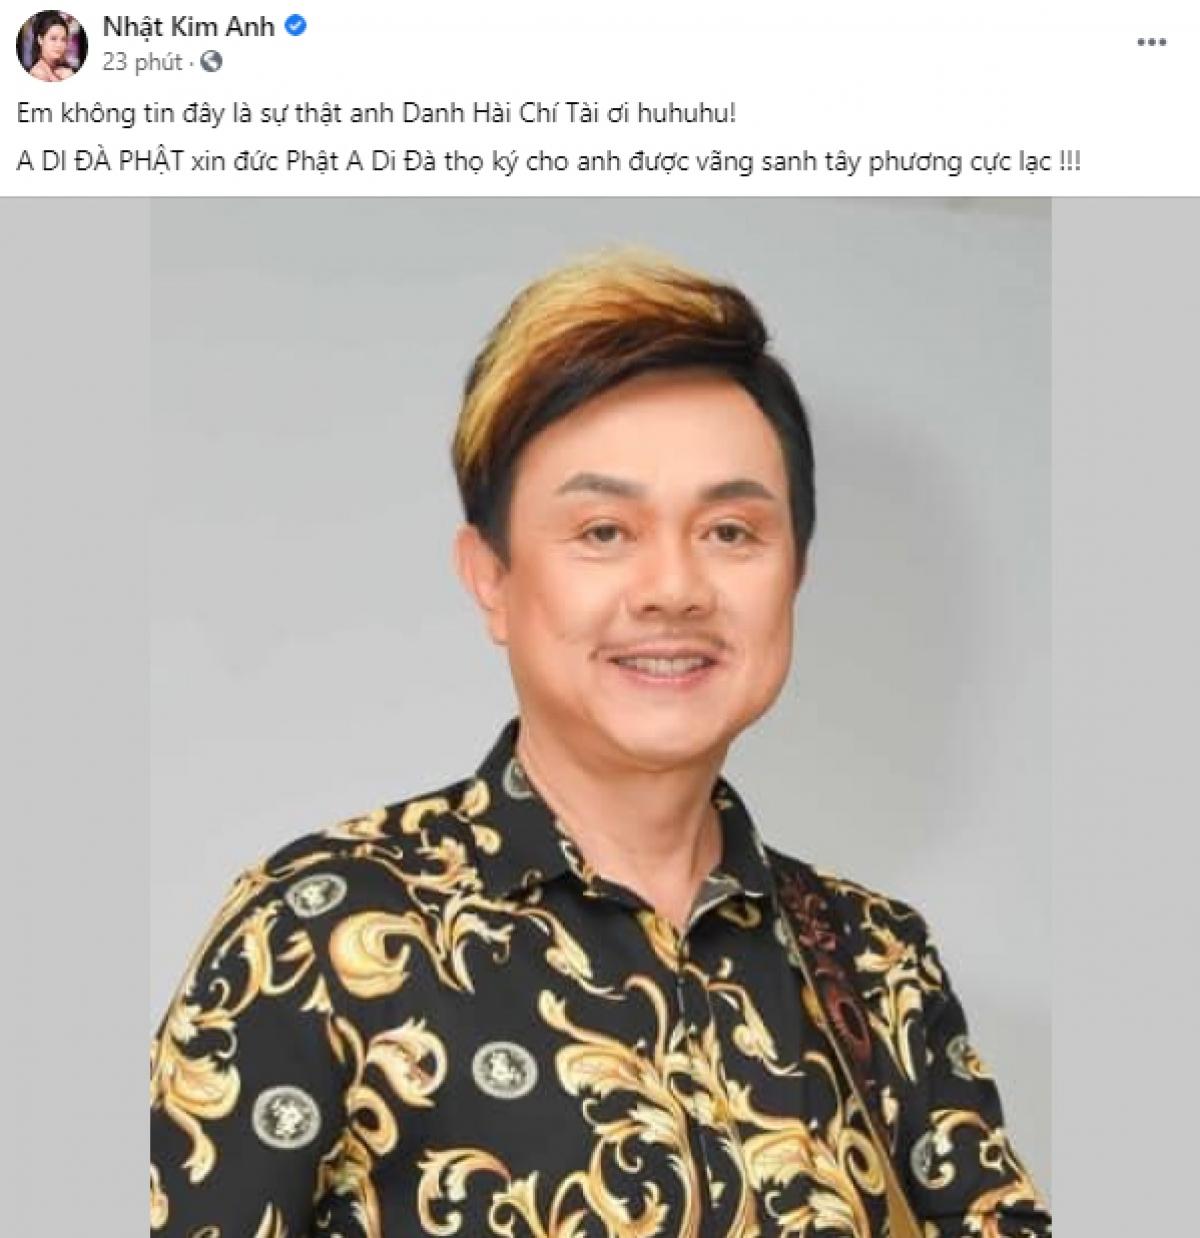 Diễn viên - ca sĩ Nhật Kim Anh.